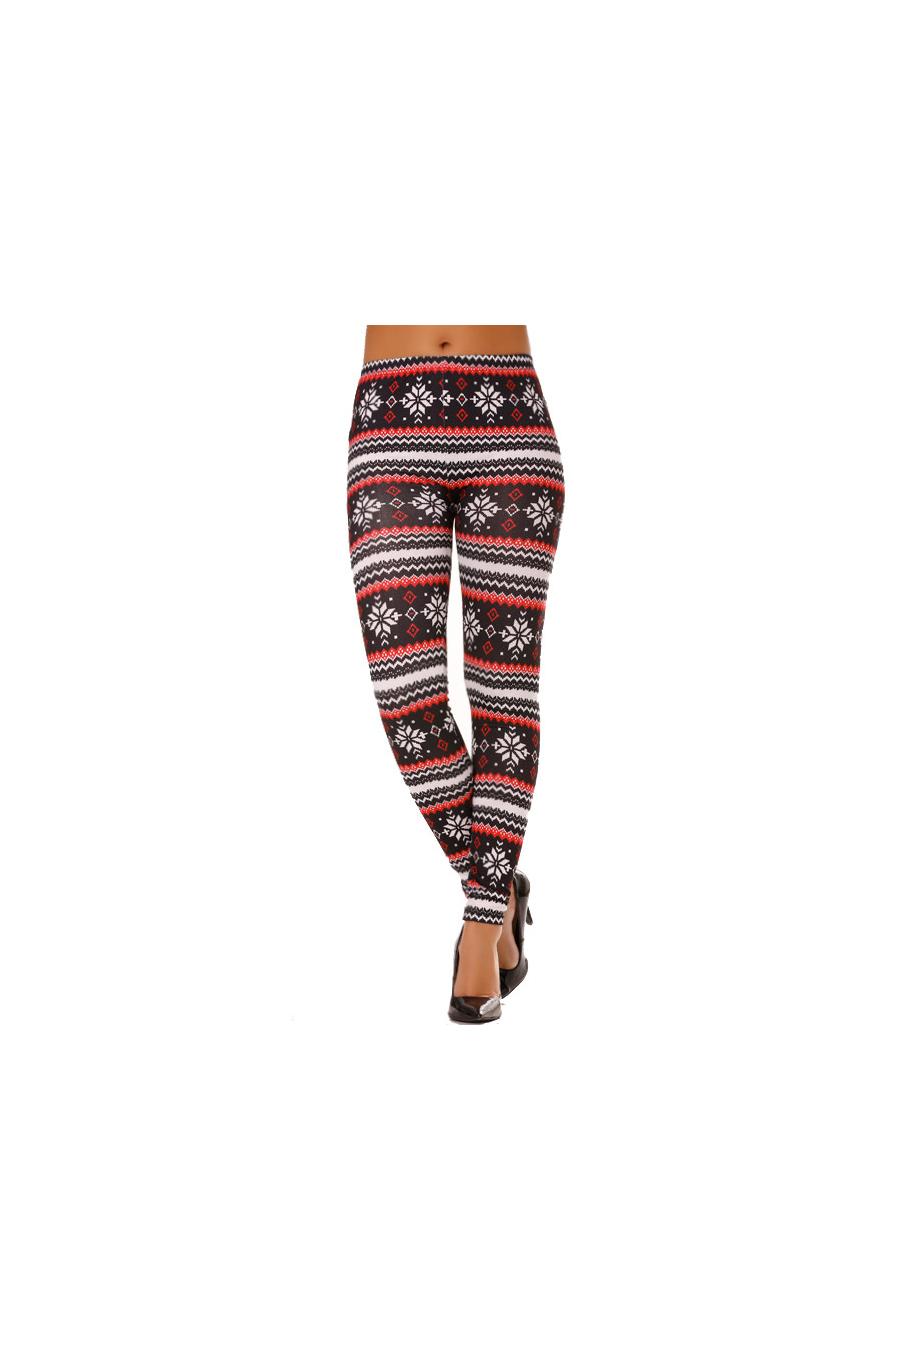 Legging à imprimés aztèque rouge et noir. G9-233